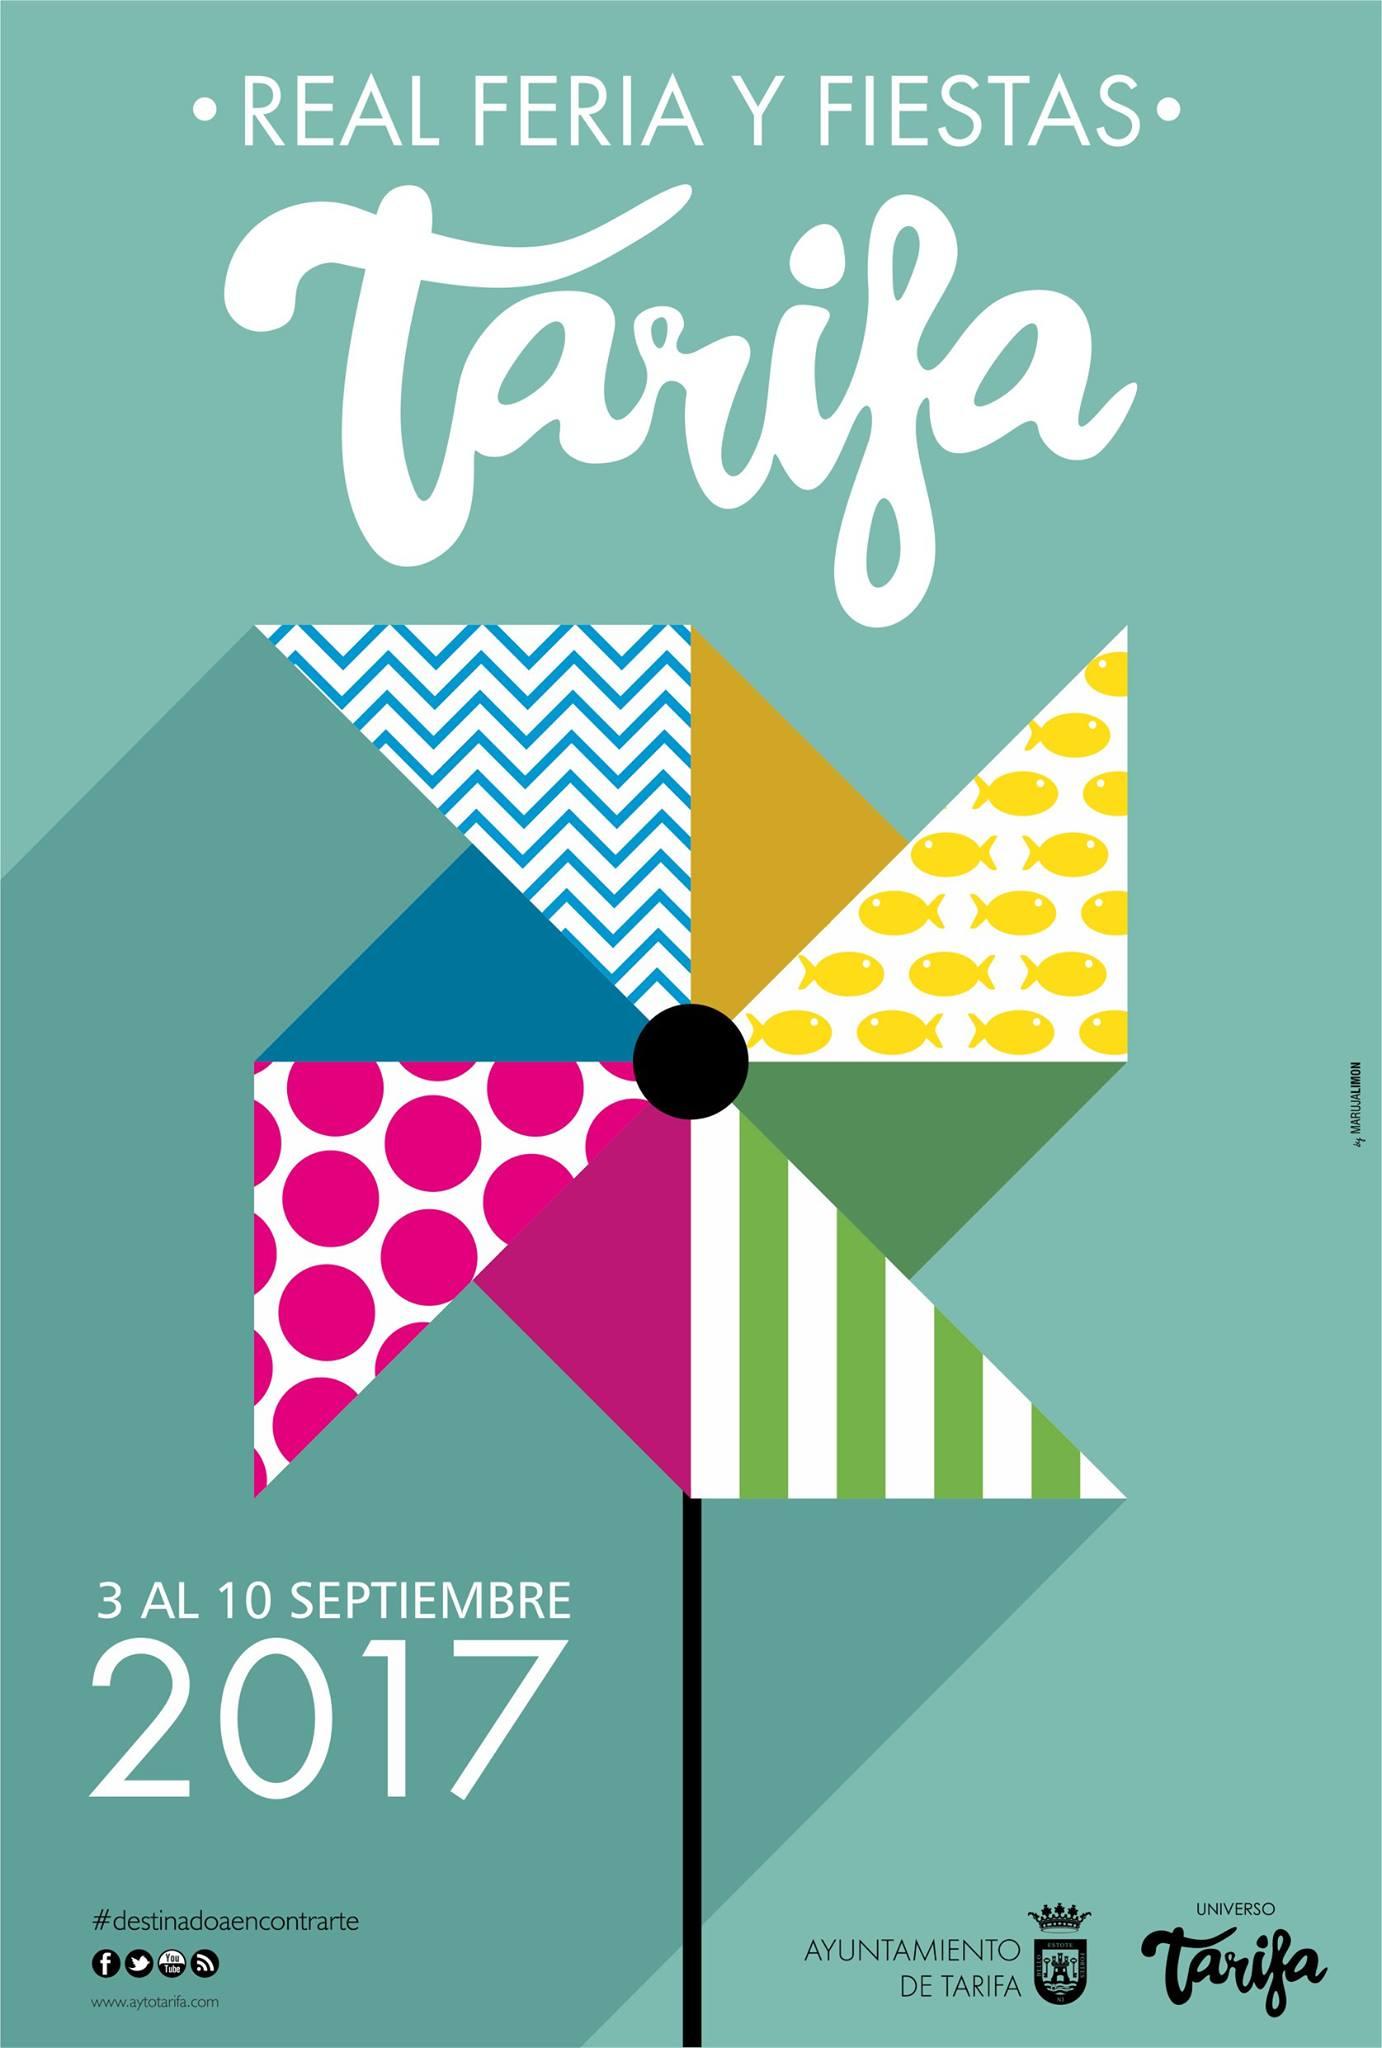 Feria de tarifa 2017 tarifa trip for Tarifa hansgrohe 2017